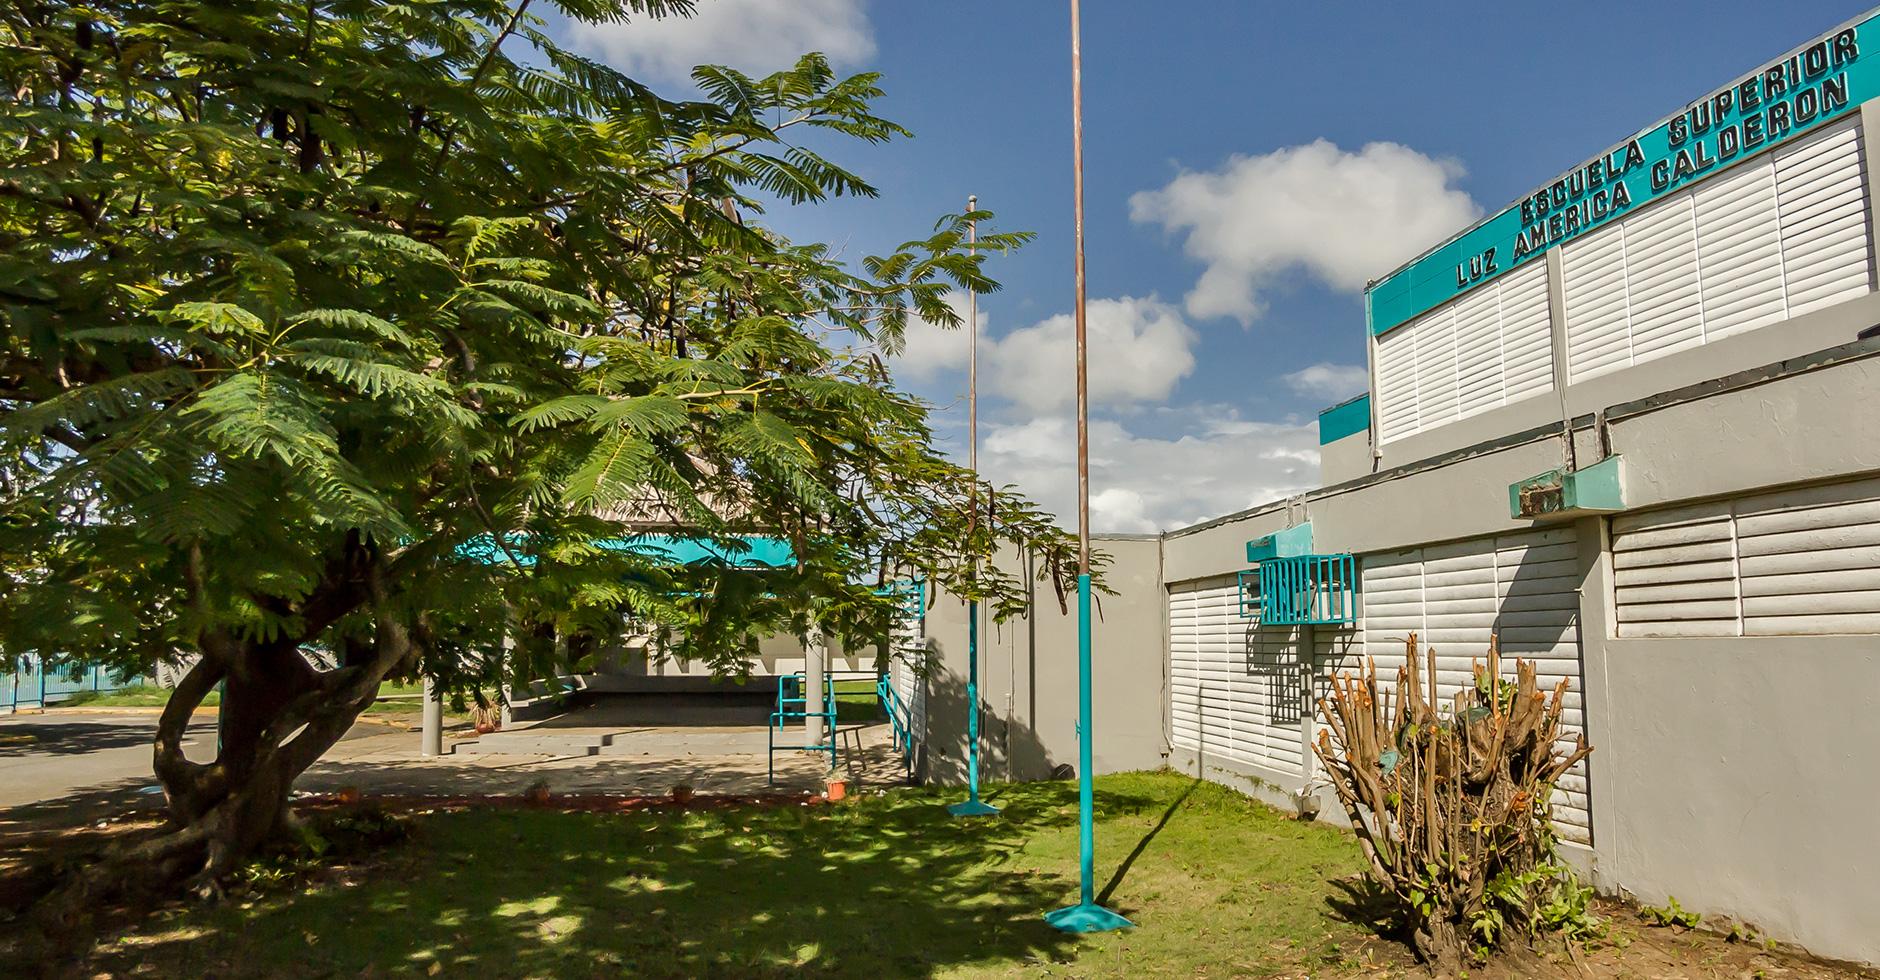 Escuela Luz América Calderón